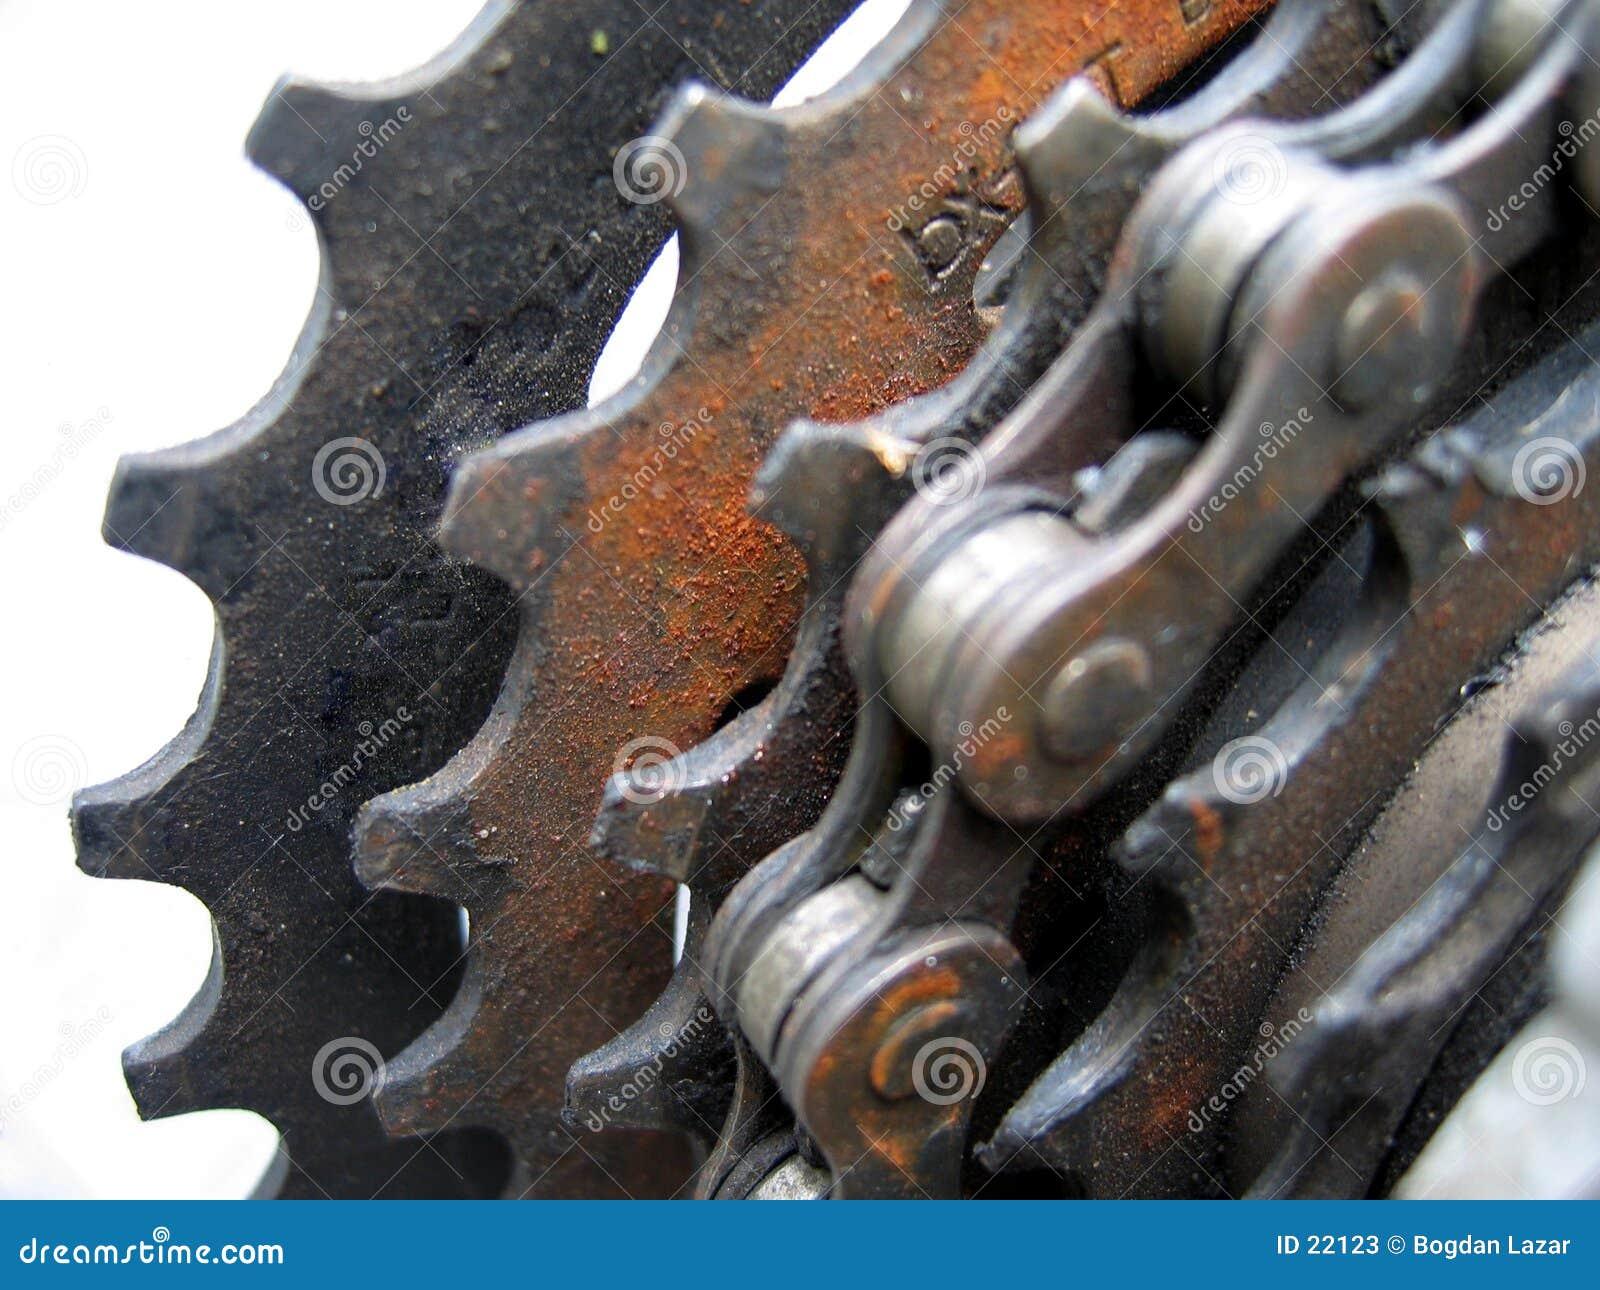 Download Catena ed attrezzi immagine stock. Immagine di sporco, catene - 22123